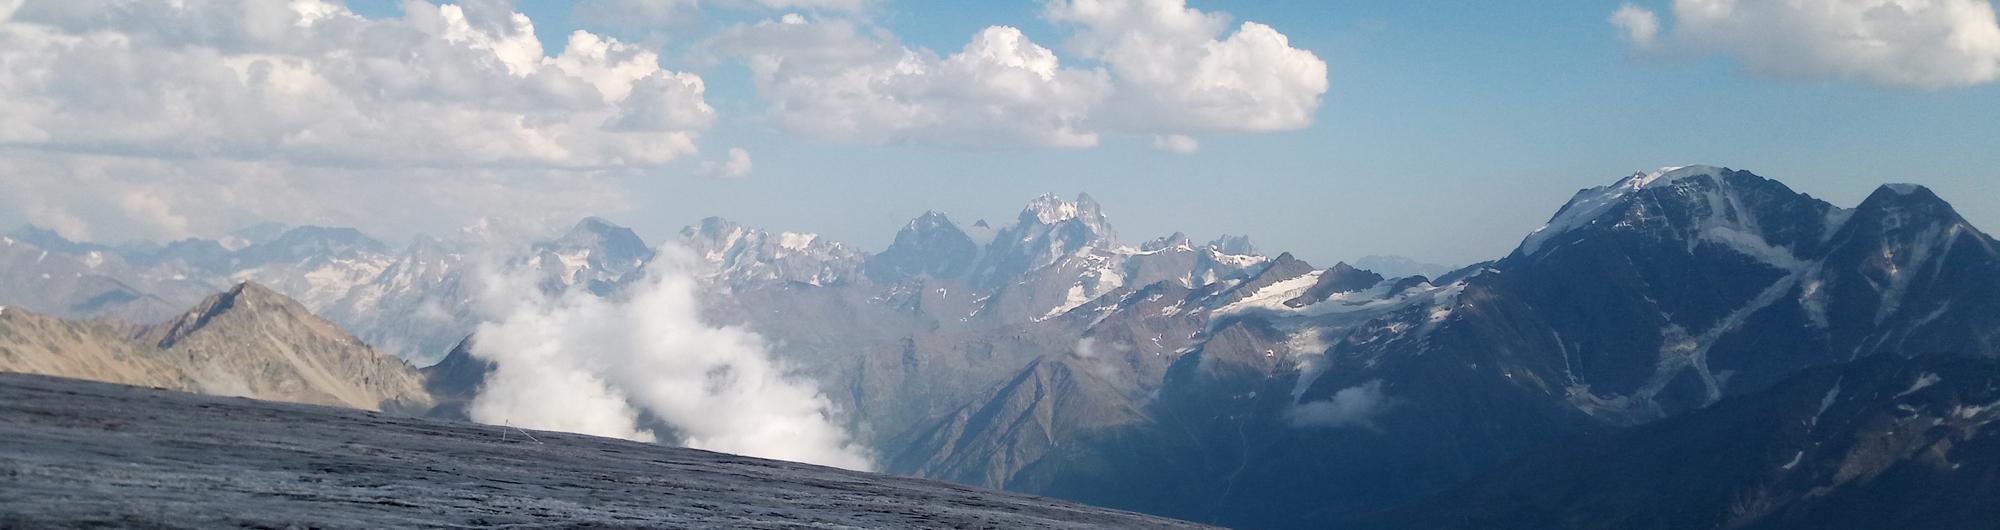 Панорама на Главный Rавказский Хребет с южного склона Эльбруса